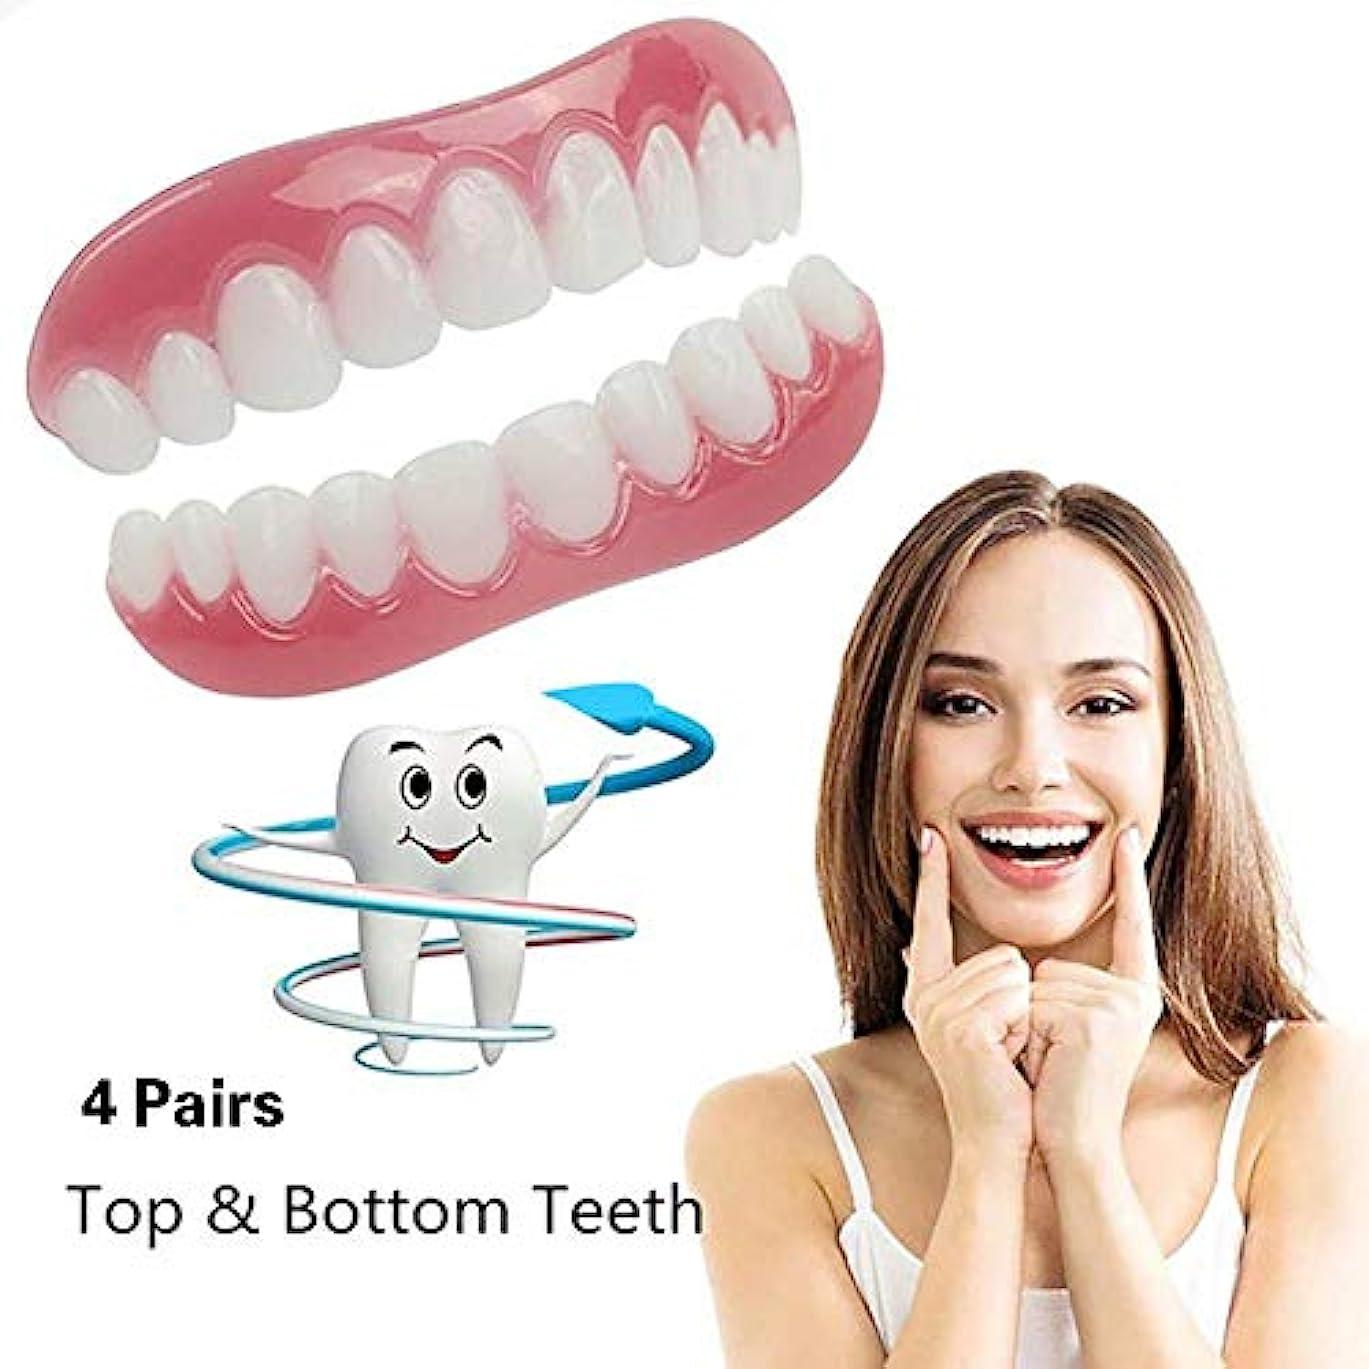 ドリンク小競り合い繁栄するシリコーンの歯のベニヤ化粧品の歯のスナップのしっかりとした上部の低い屈曲の歯科ベニヤ義歯のケアを白くする完全な歯1つのサイズに収まるすべて